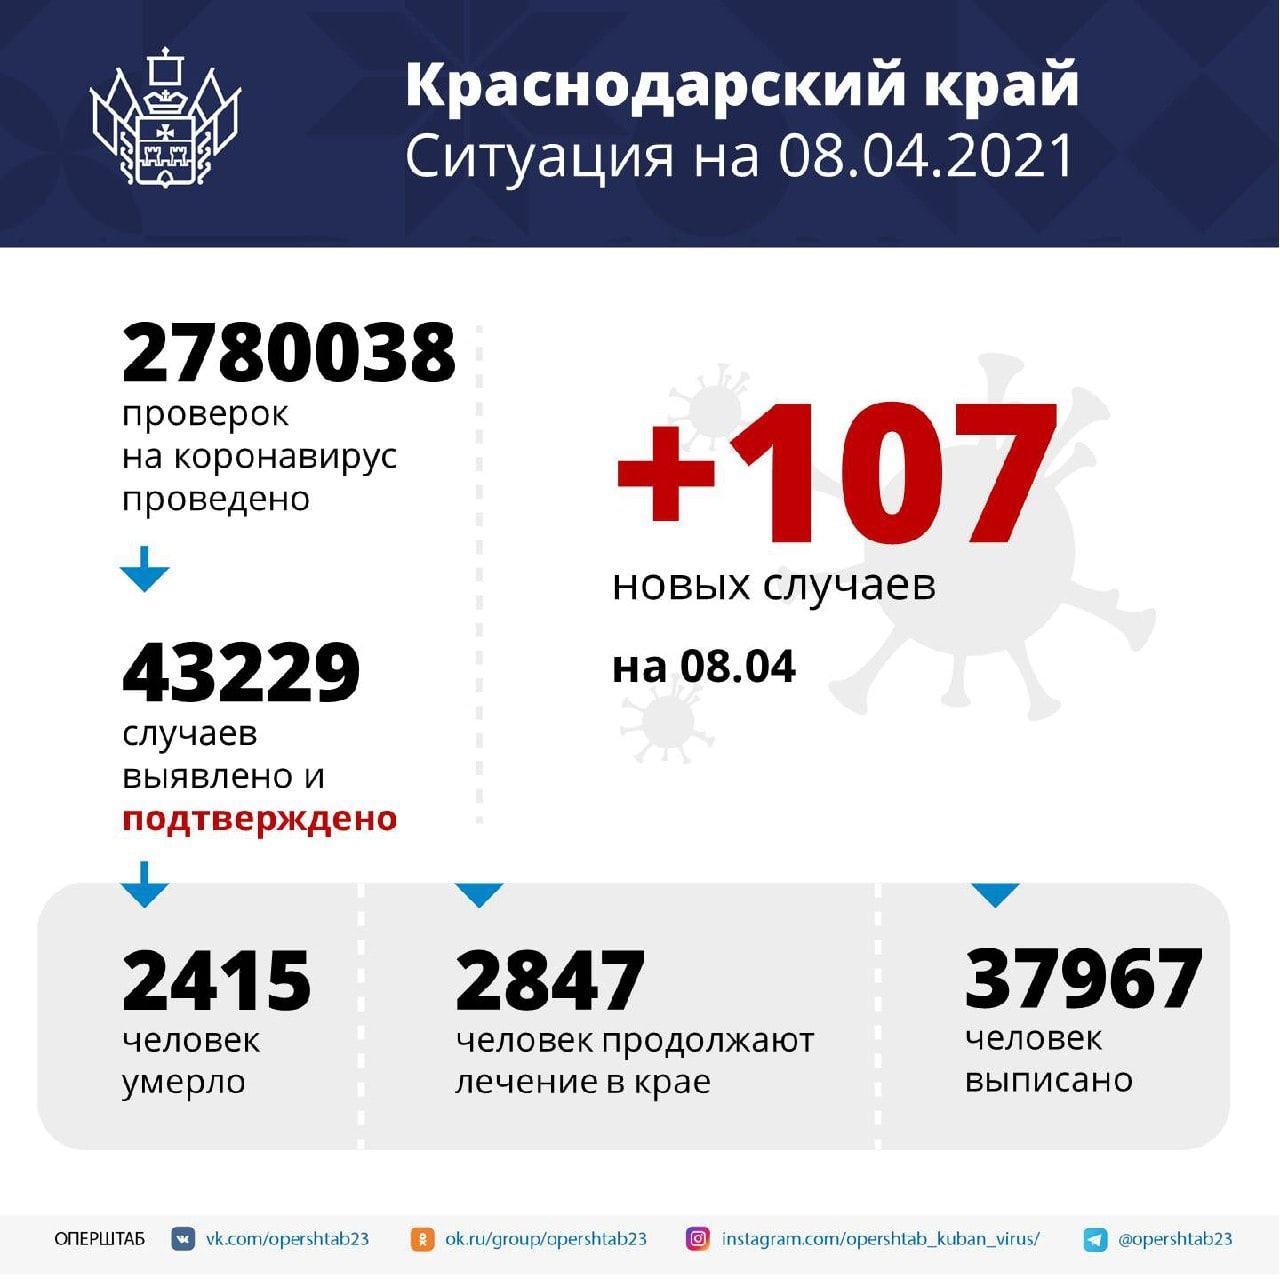 В Краснодарском крае зарегистрировали 107 заболевших COVID-19За последние...